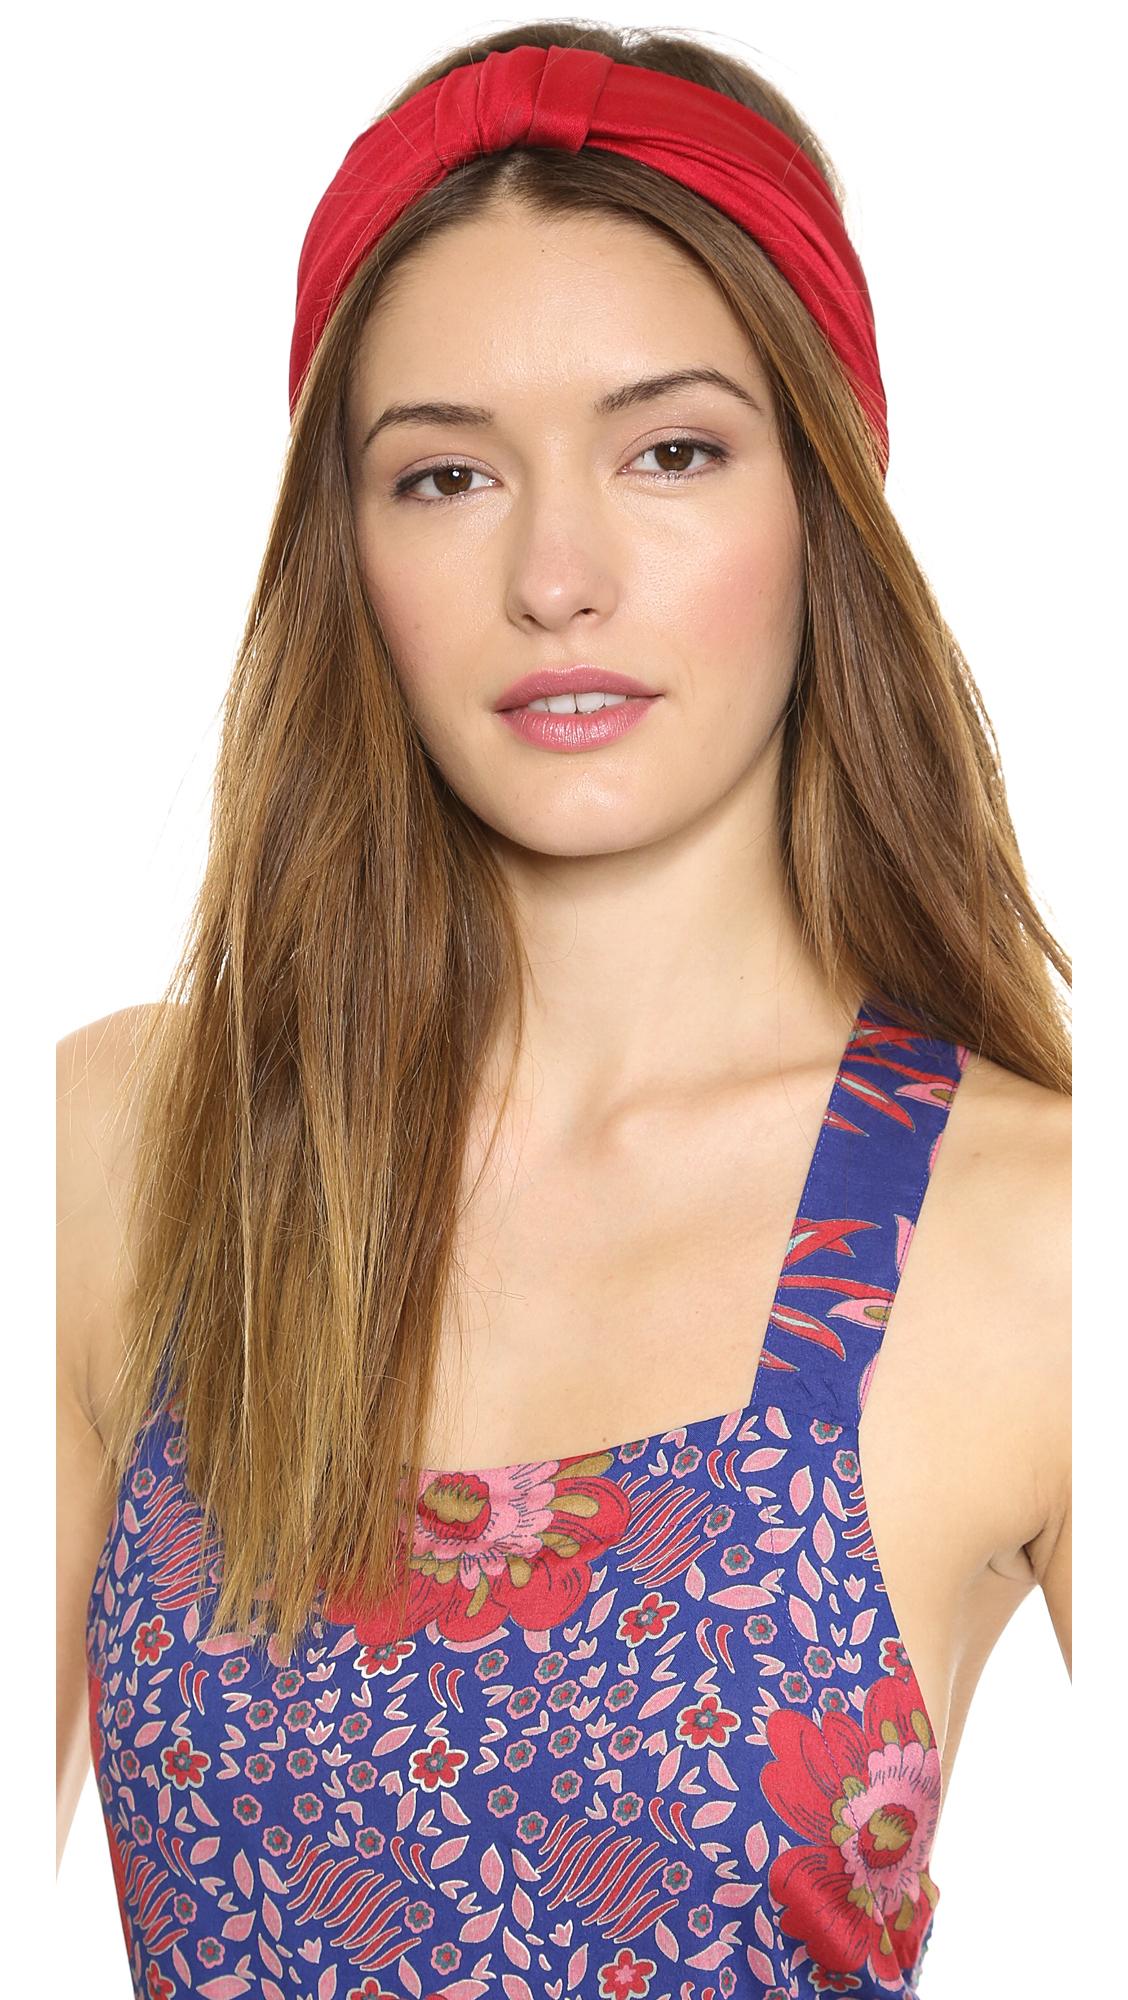 Lyst - Jennifer Behr Silk Jersey Turban Headband - Sienna in Red 6a29c824fb9